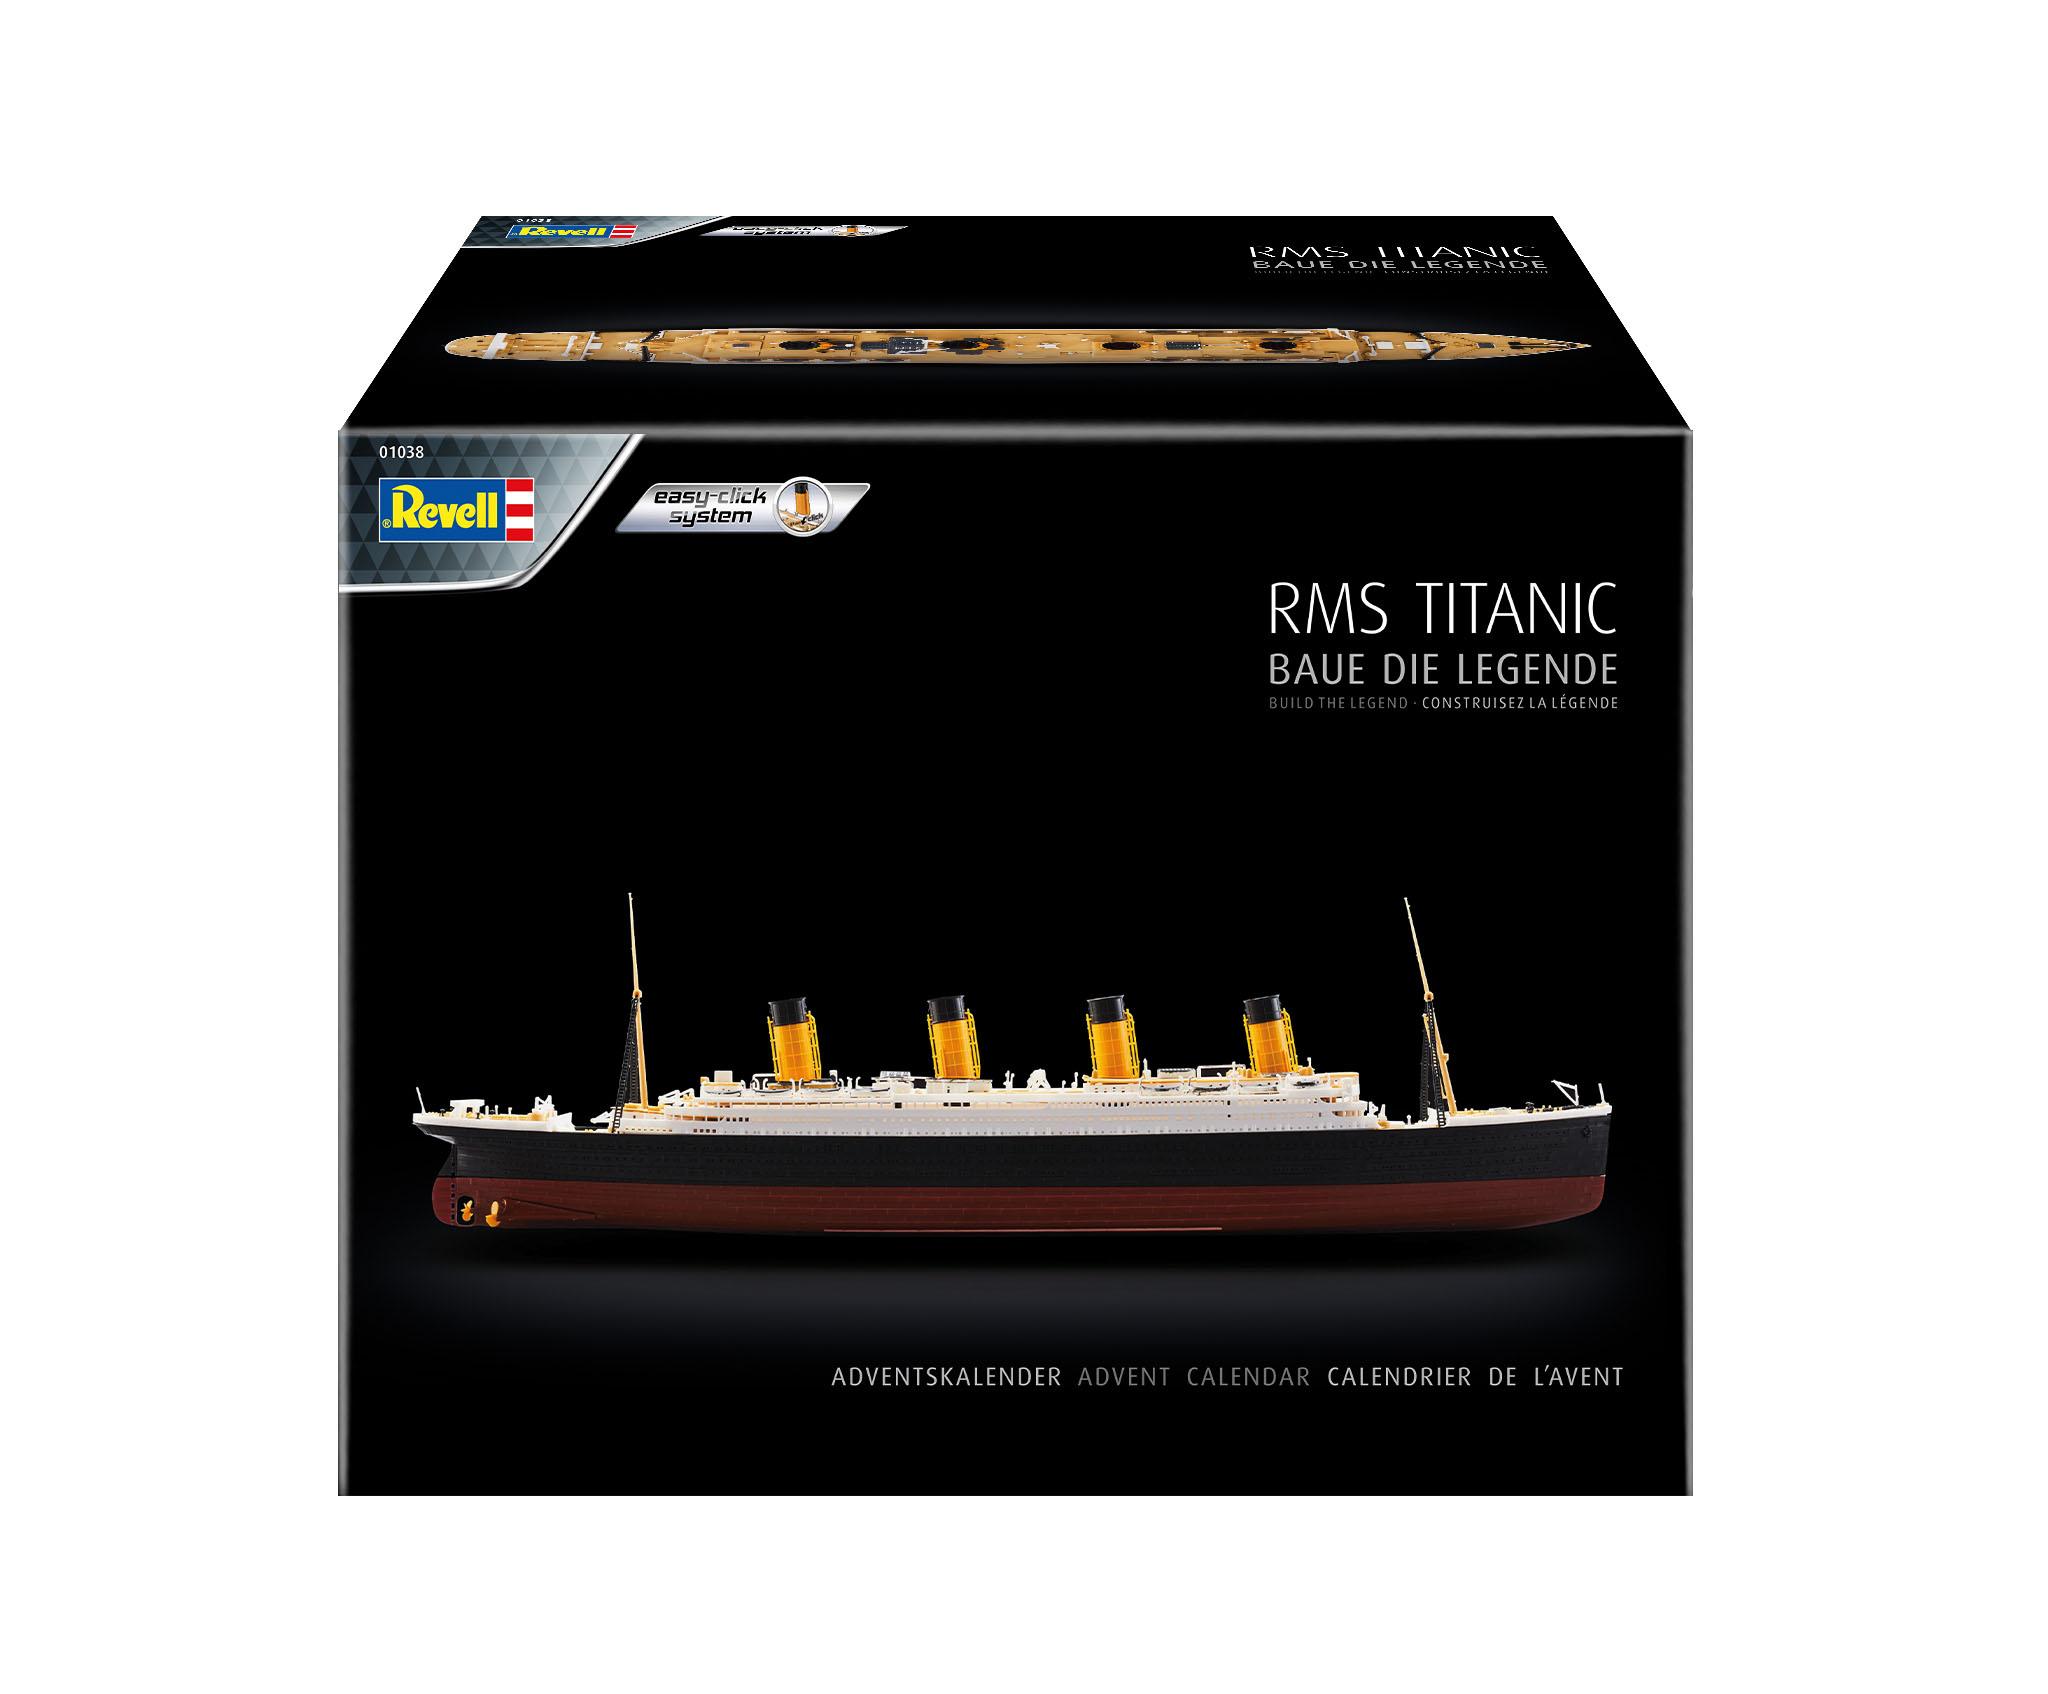 Revell - Adventskalender RMS Titanic 2021